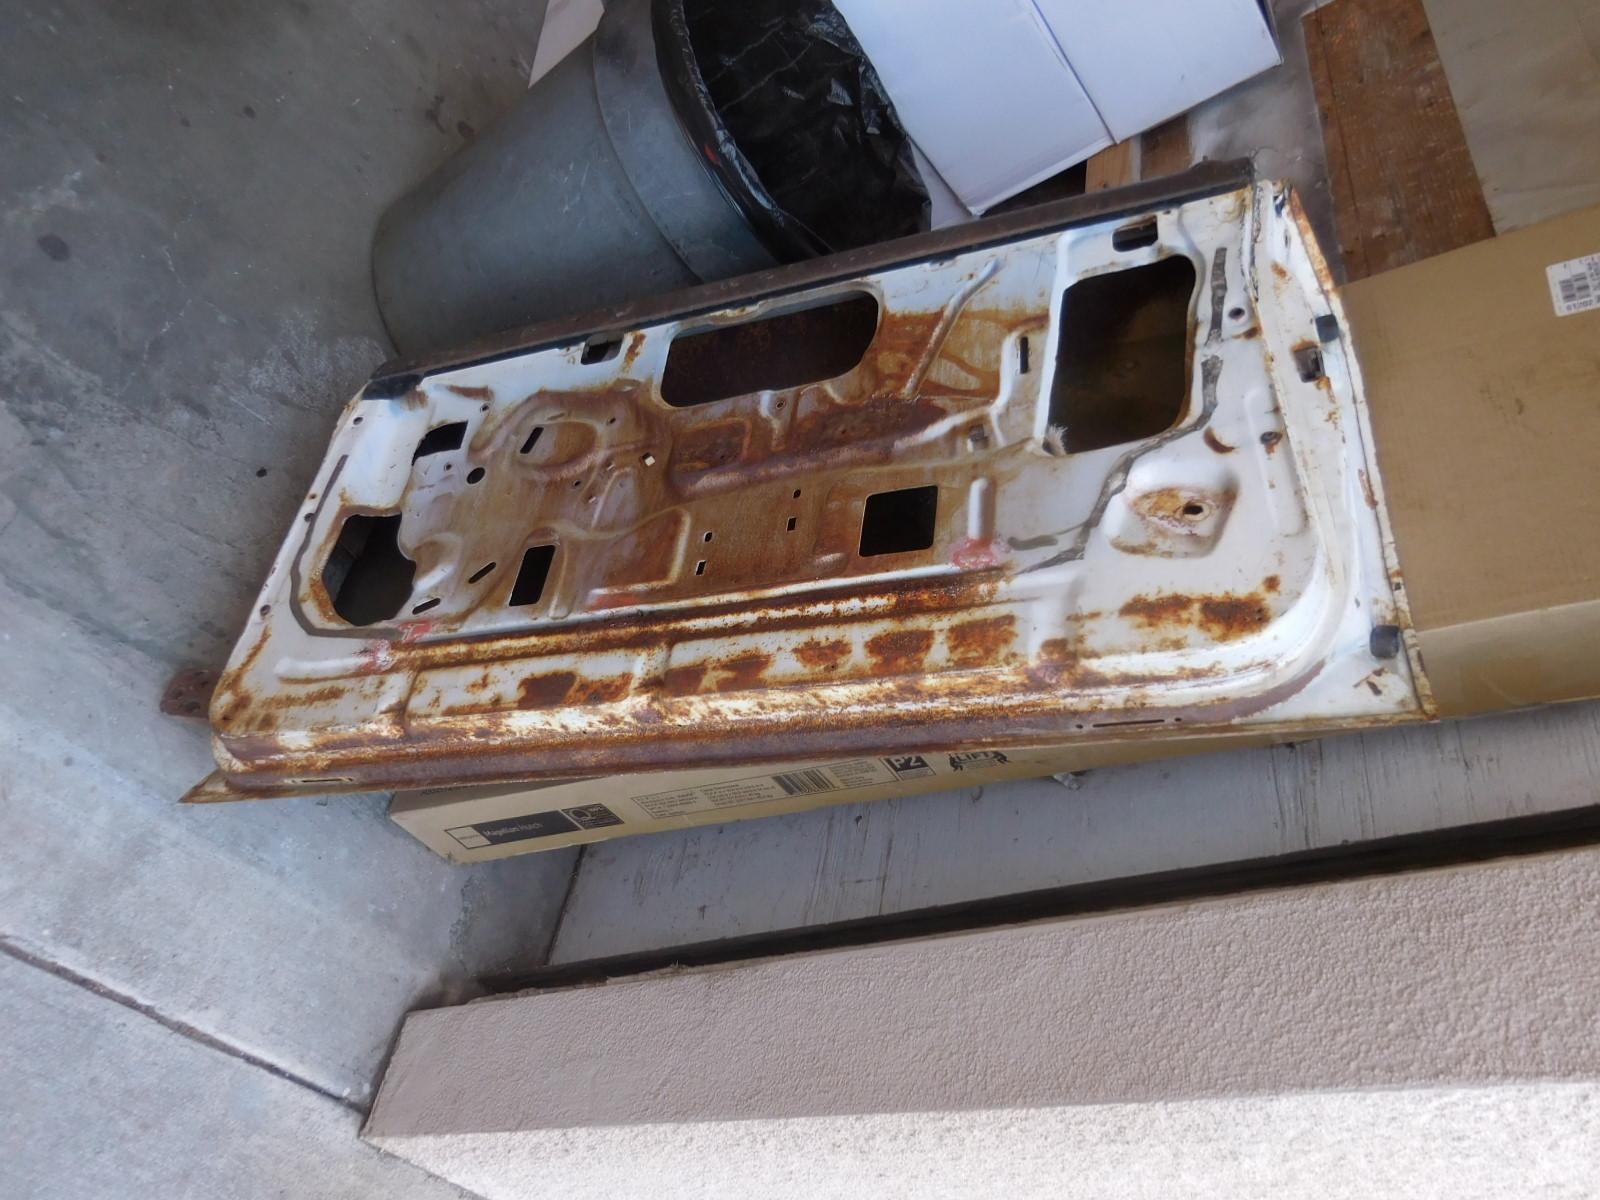 1965 Chevrolet Chevelle Right Door Shell